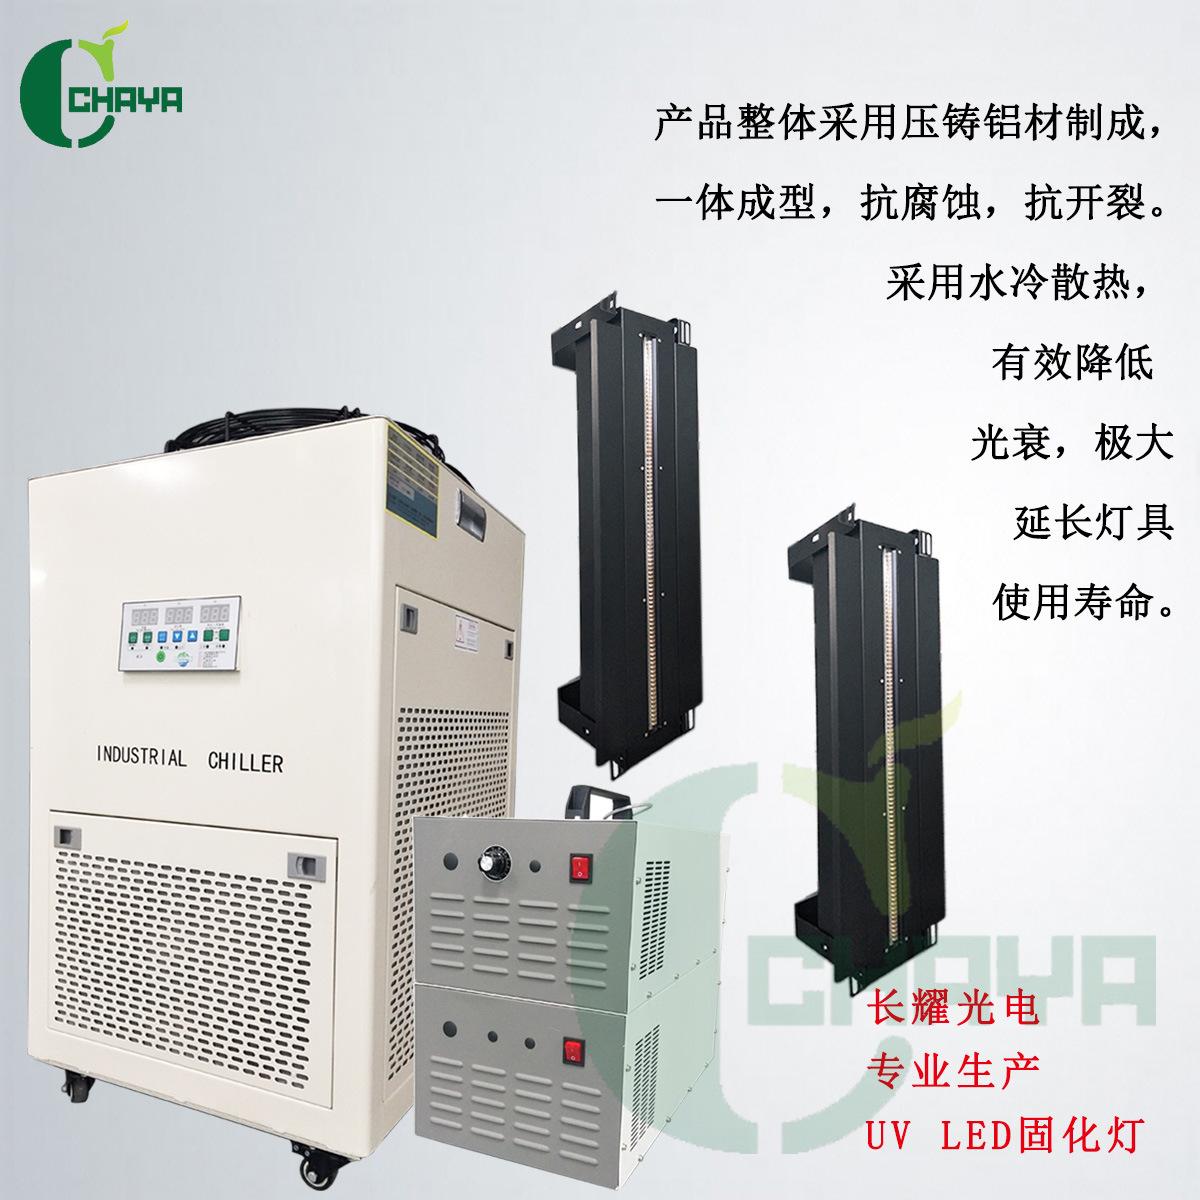 uv固化设备_双灯干燥机干燥uv固化灯uv胶固化机uv胶固化